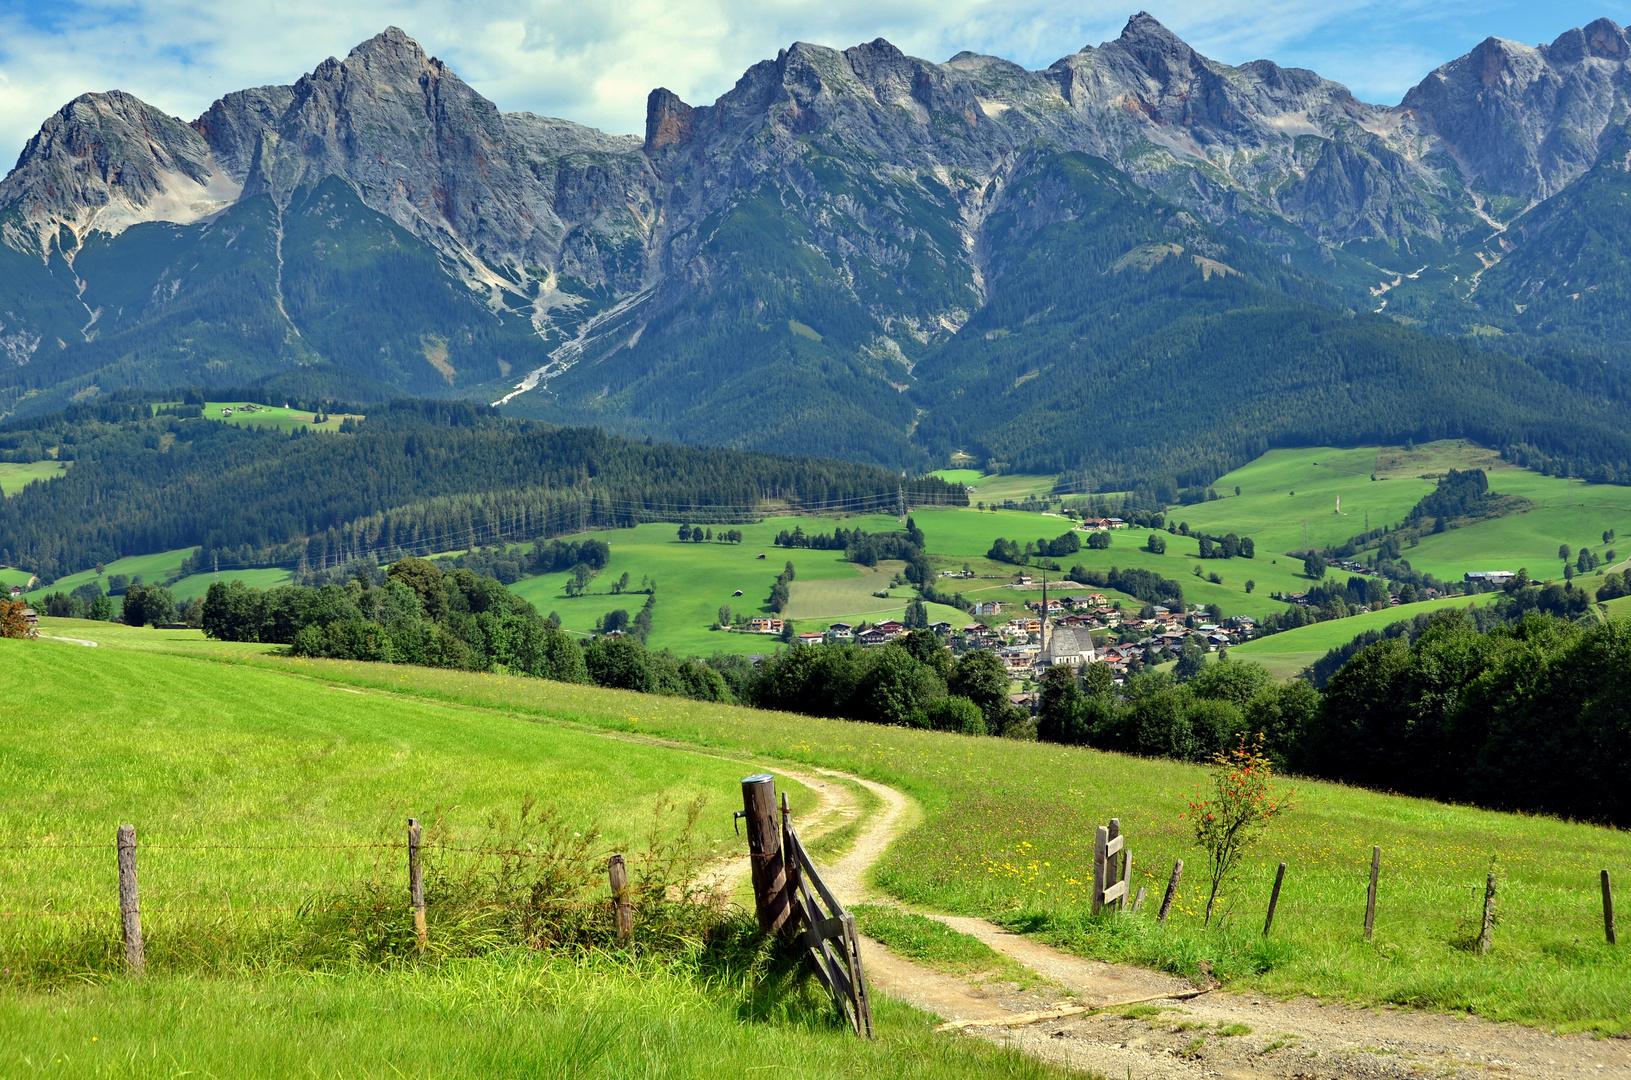 der blick auf maria alm foto bild landschaft berge alpen bilder auf fotocommunity. Black Bedroom Furniture Sets. Home Design Ideas